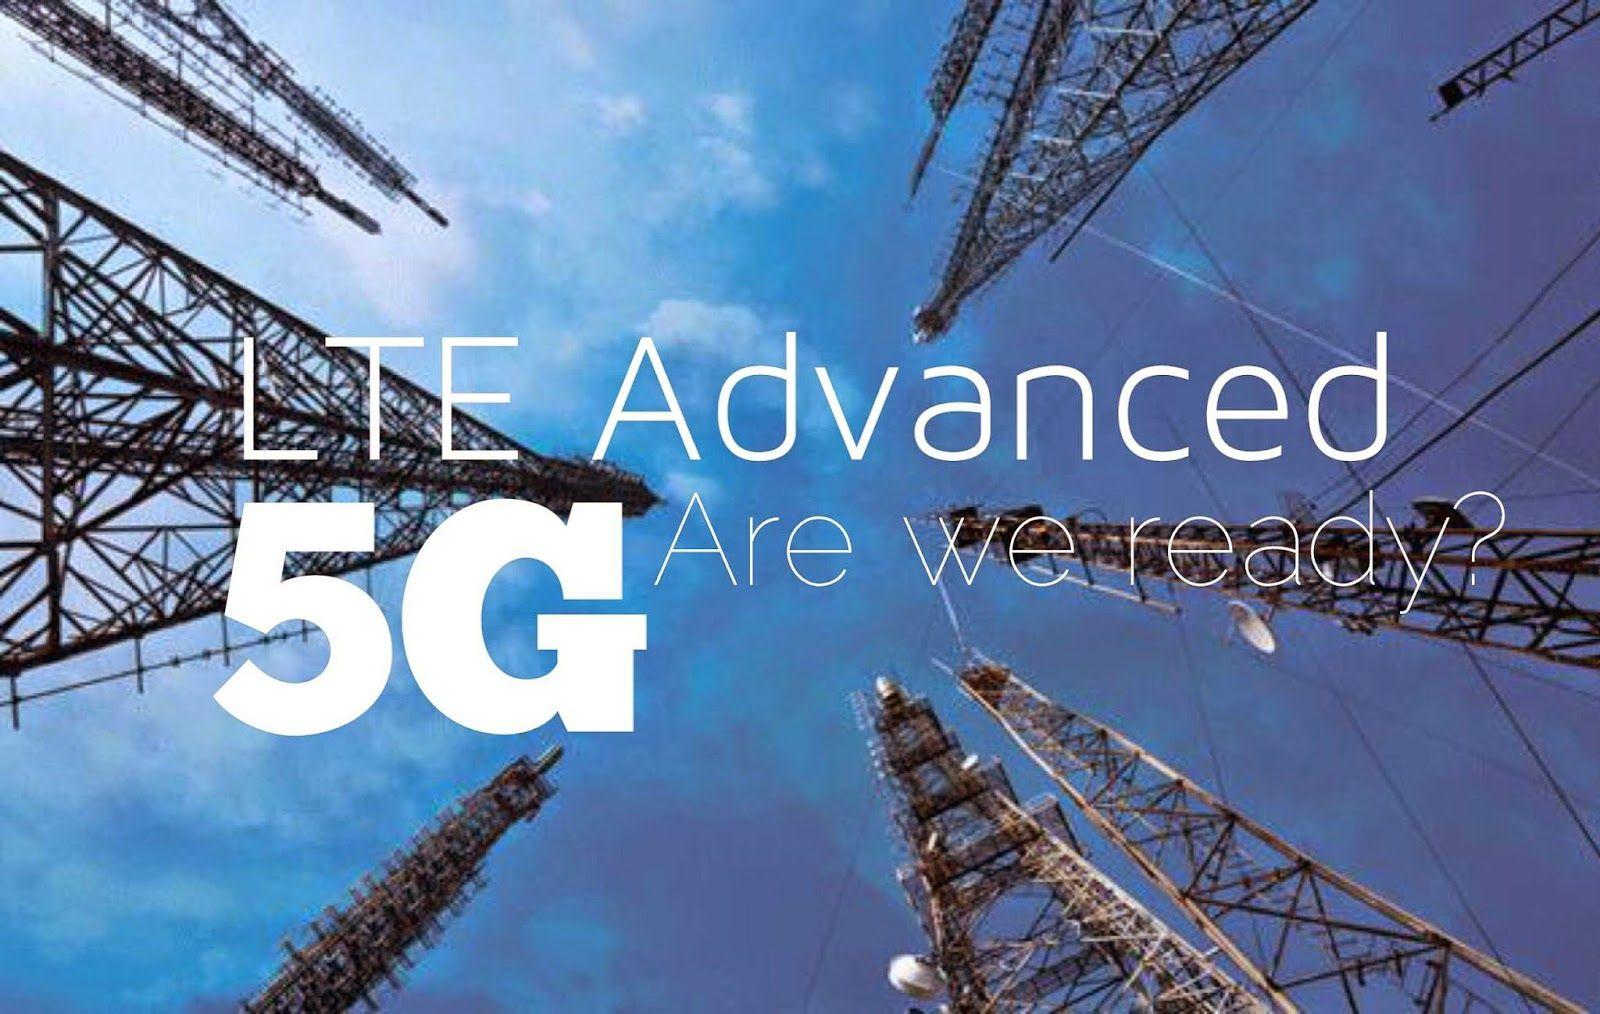 Ecco il logo ufficiale per le reti 5G